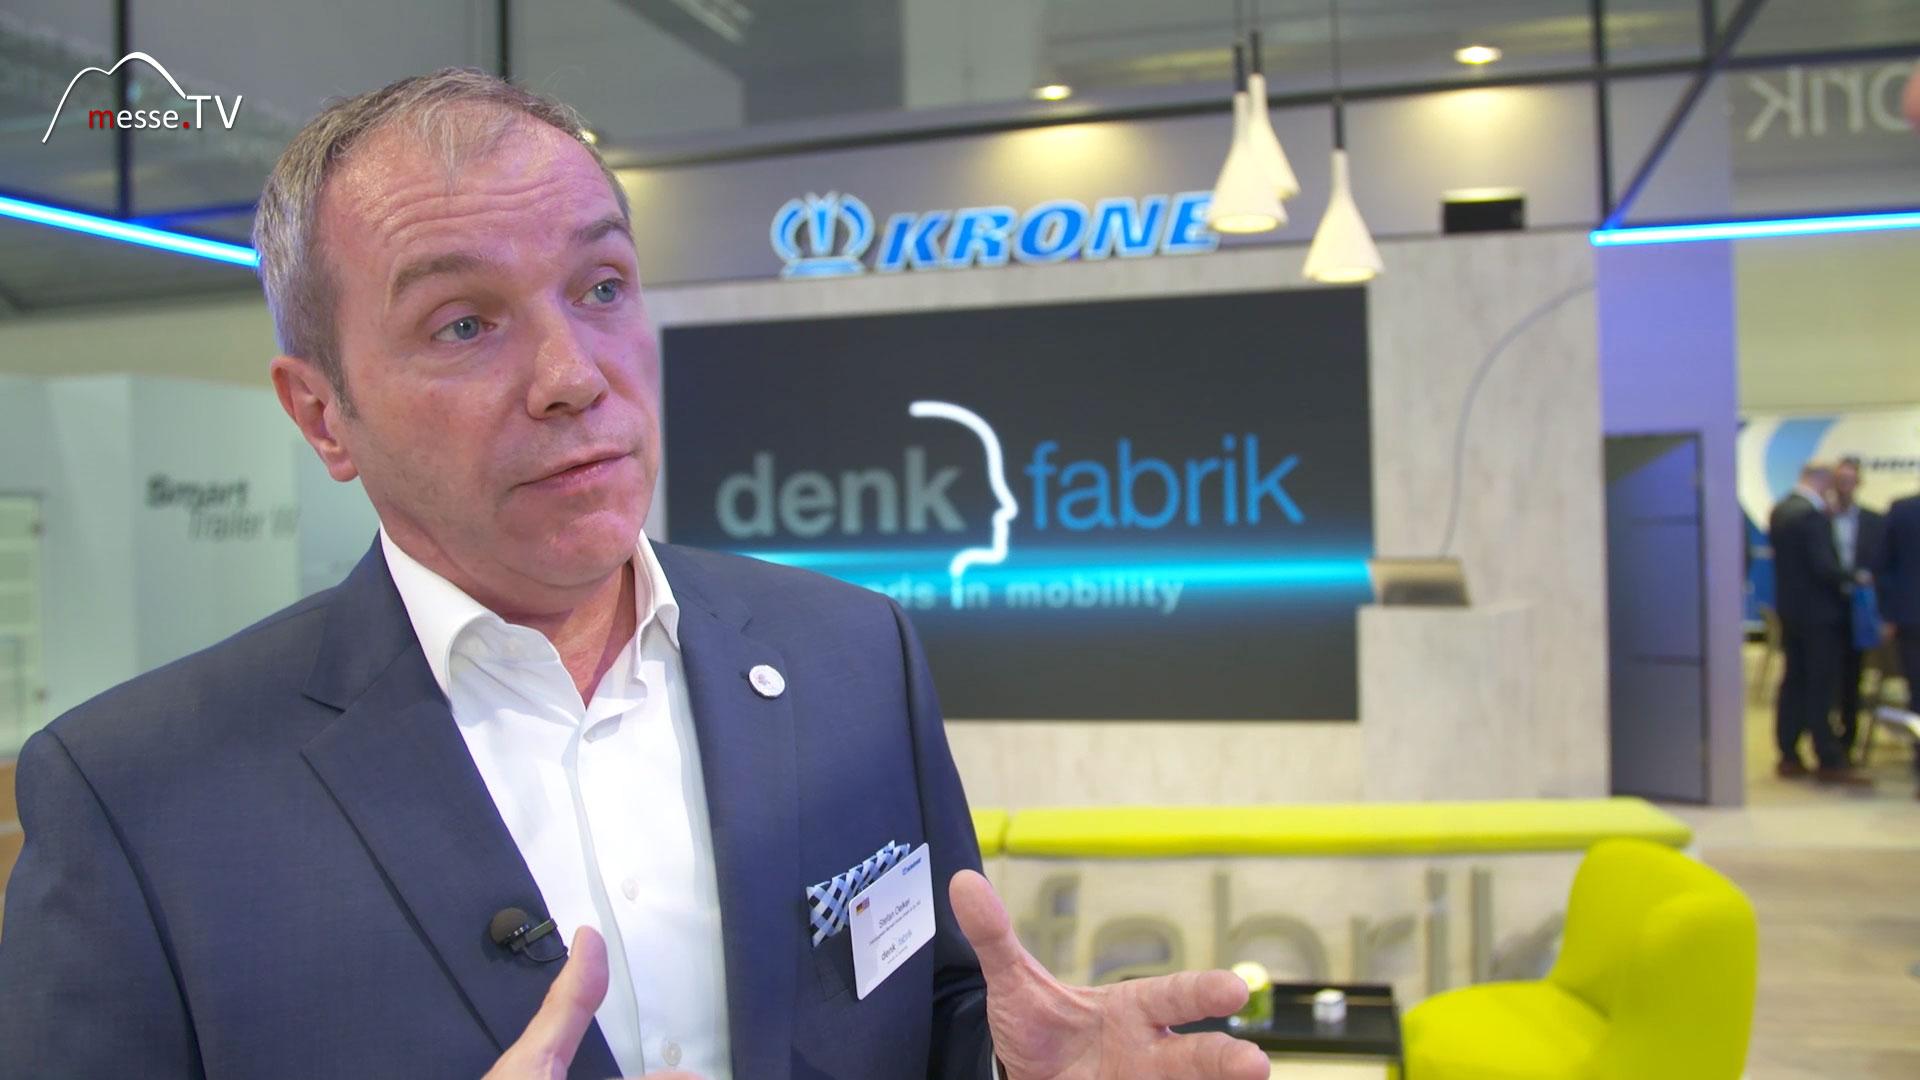 KRONE Interview Stefan Oelker Denkfabrik transport logistic